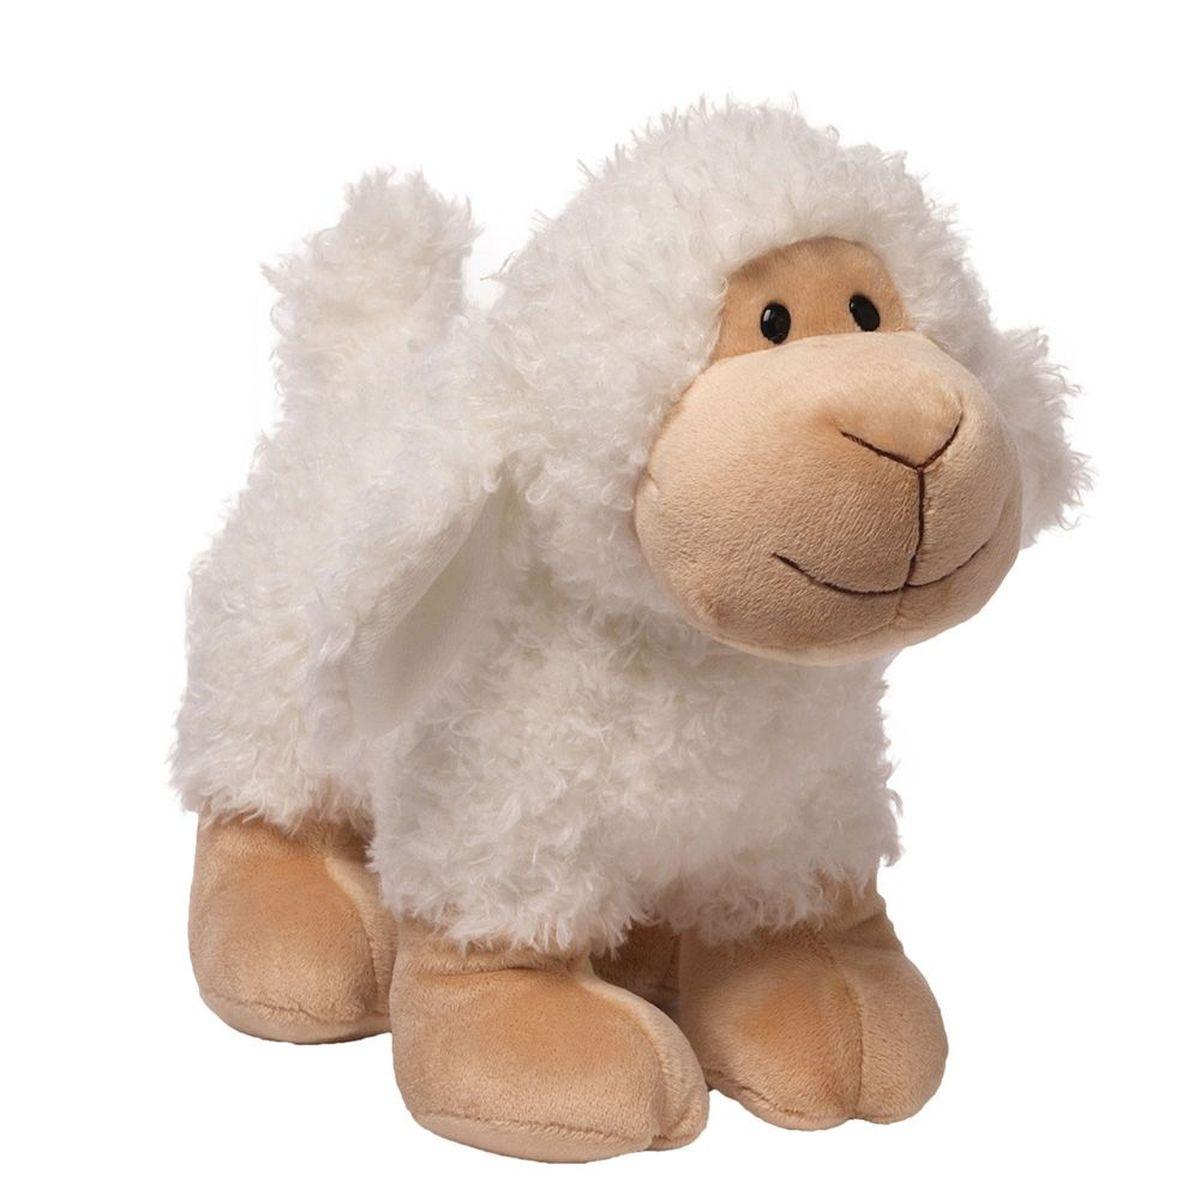 Gund Мягкая игрушка Wooly 23 см недорого